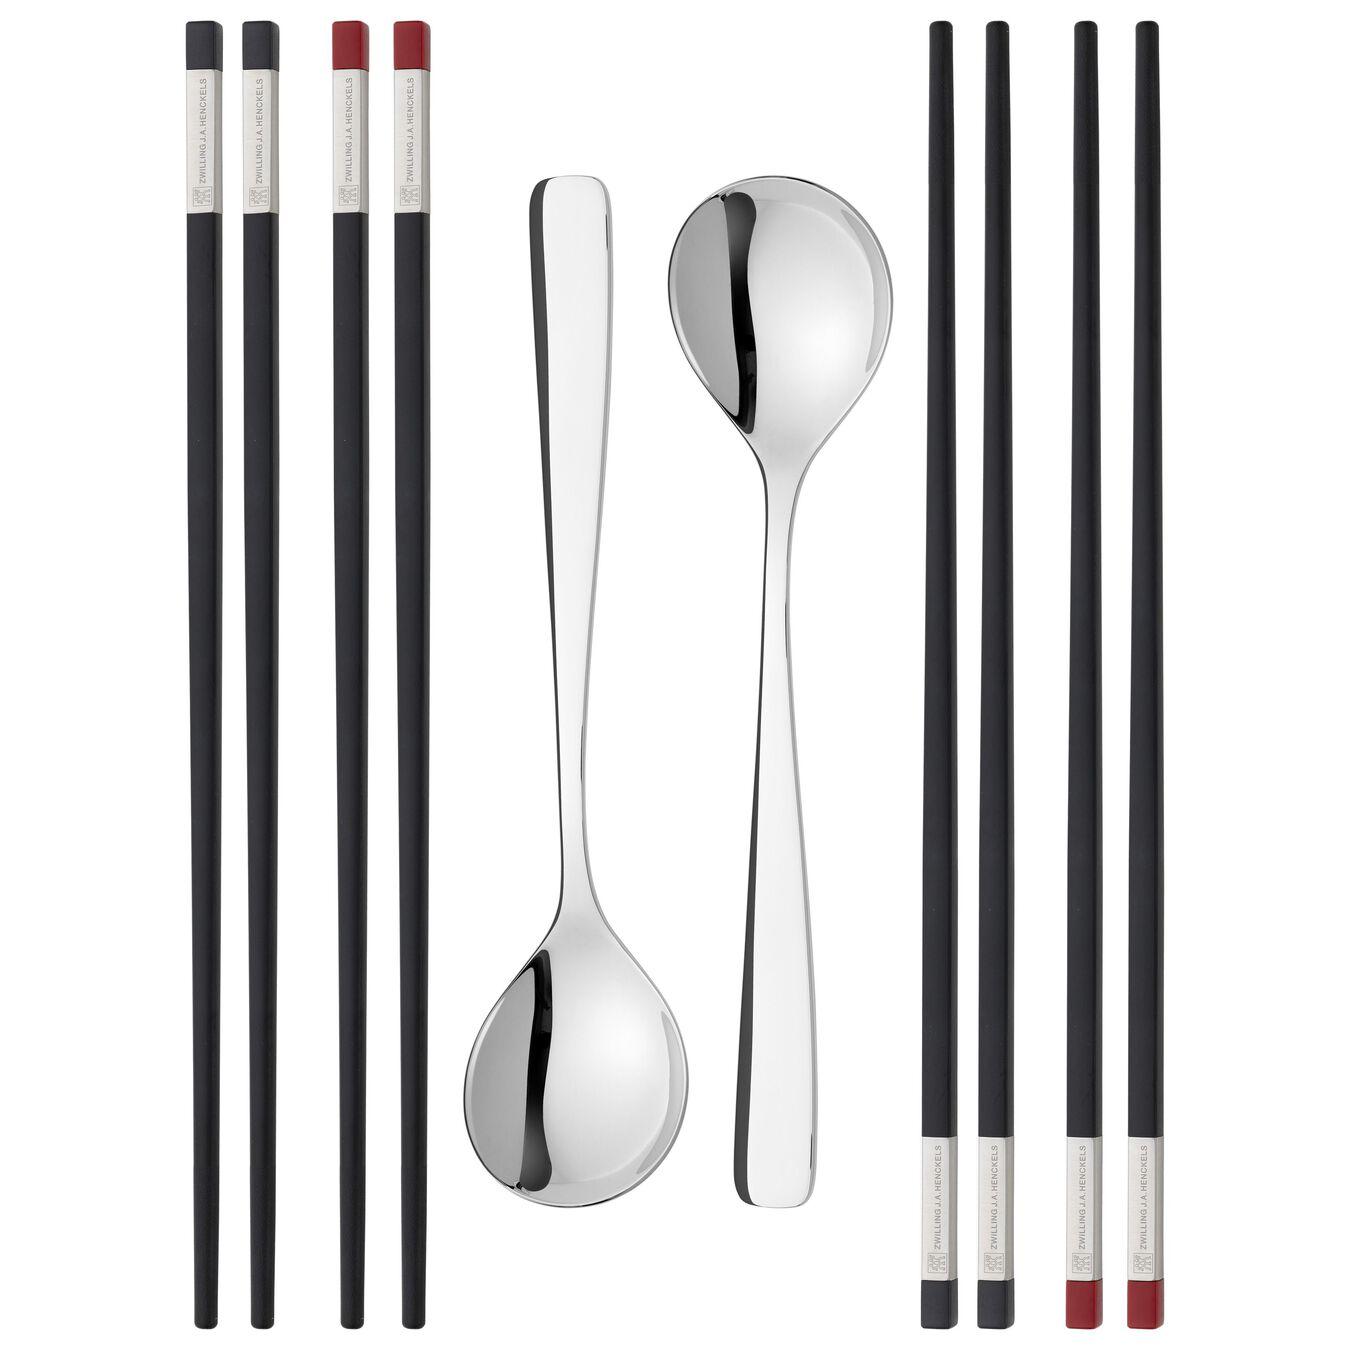 Chopstick Set 10-tlg, mattiert/poliert,,large 1